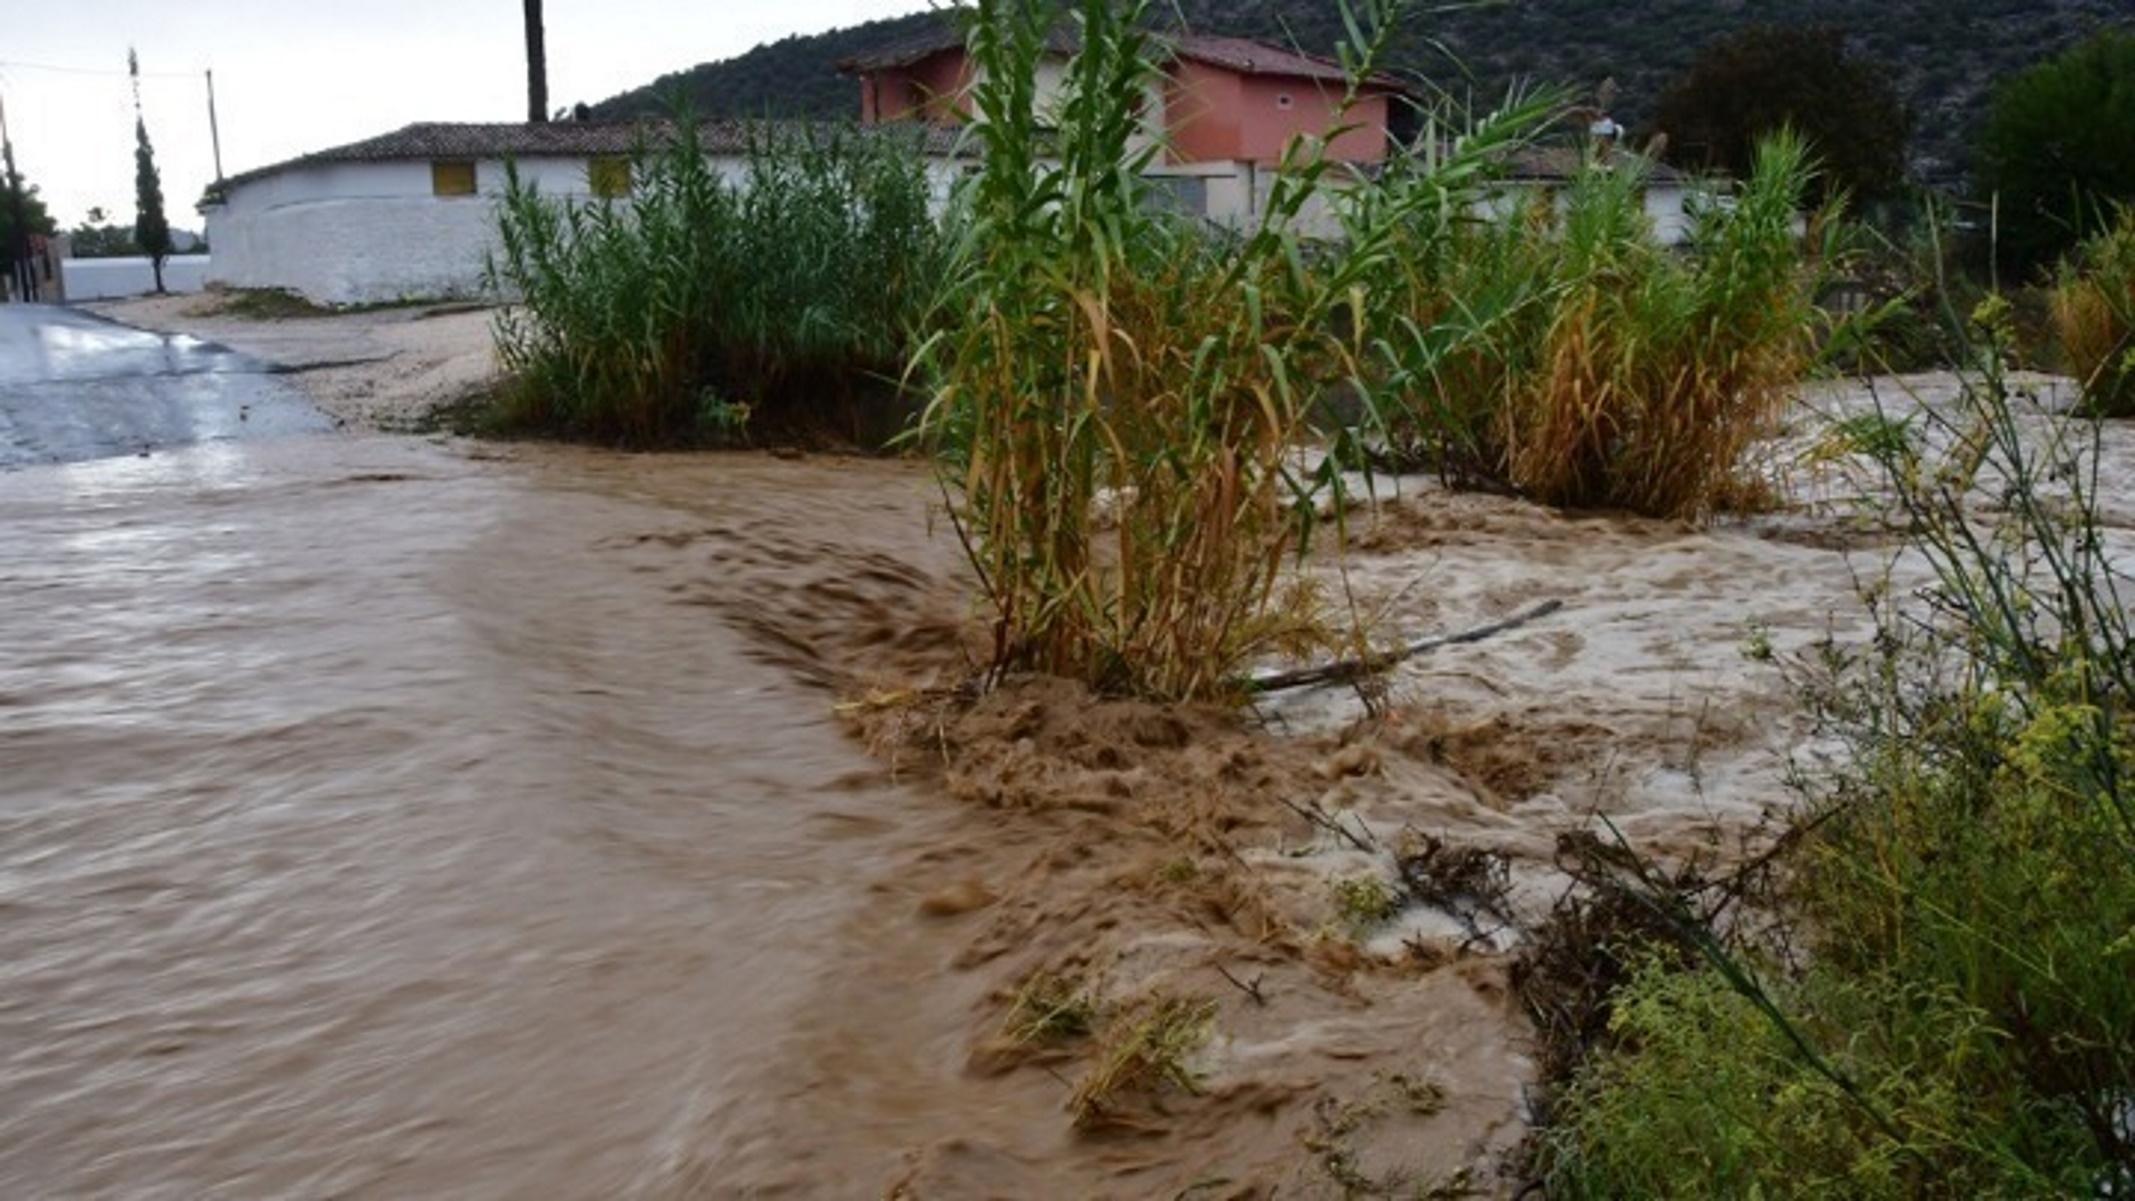 Καιρός – Αλεξανδρούπολη: Επείγουσα ειδοποίηση για άνοδο της στάθμης των νερών